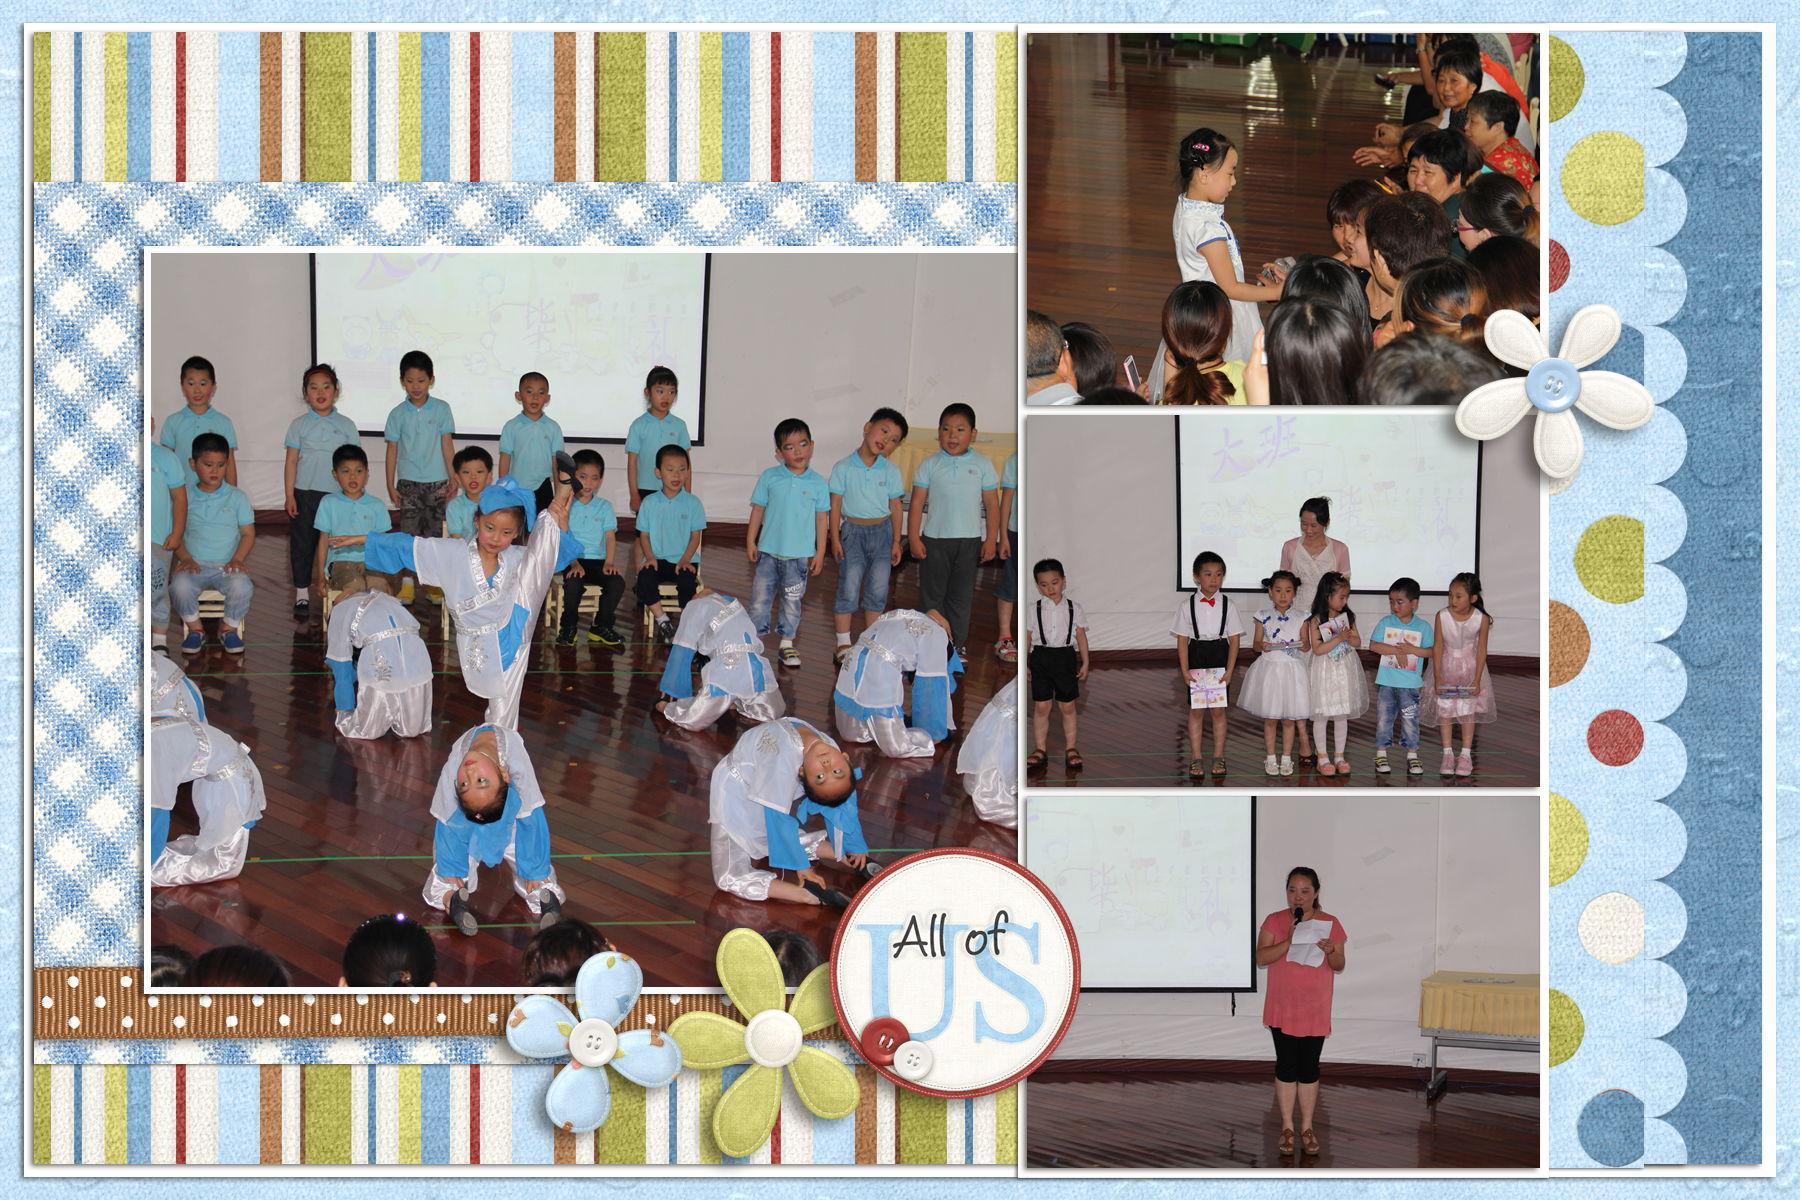 朵朵幼儿园大班毕业典礼